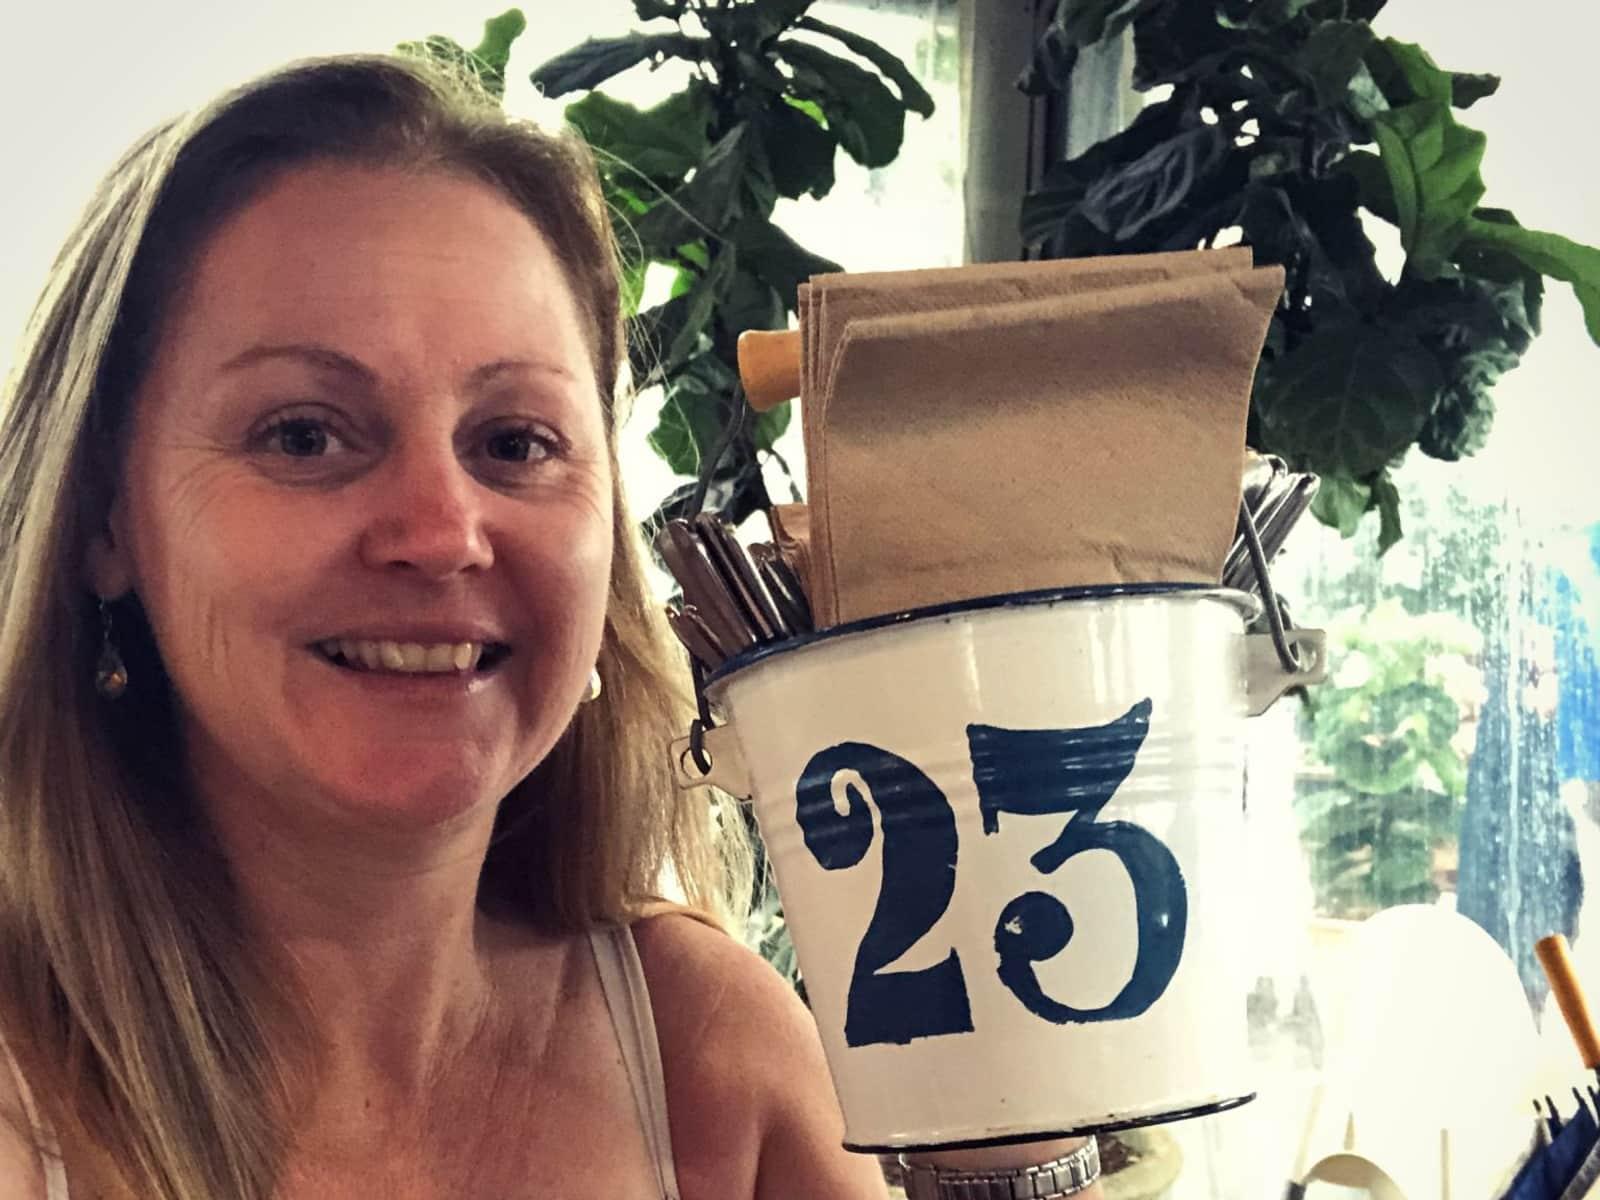 Janine from Brisbane, Queensland, Australia